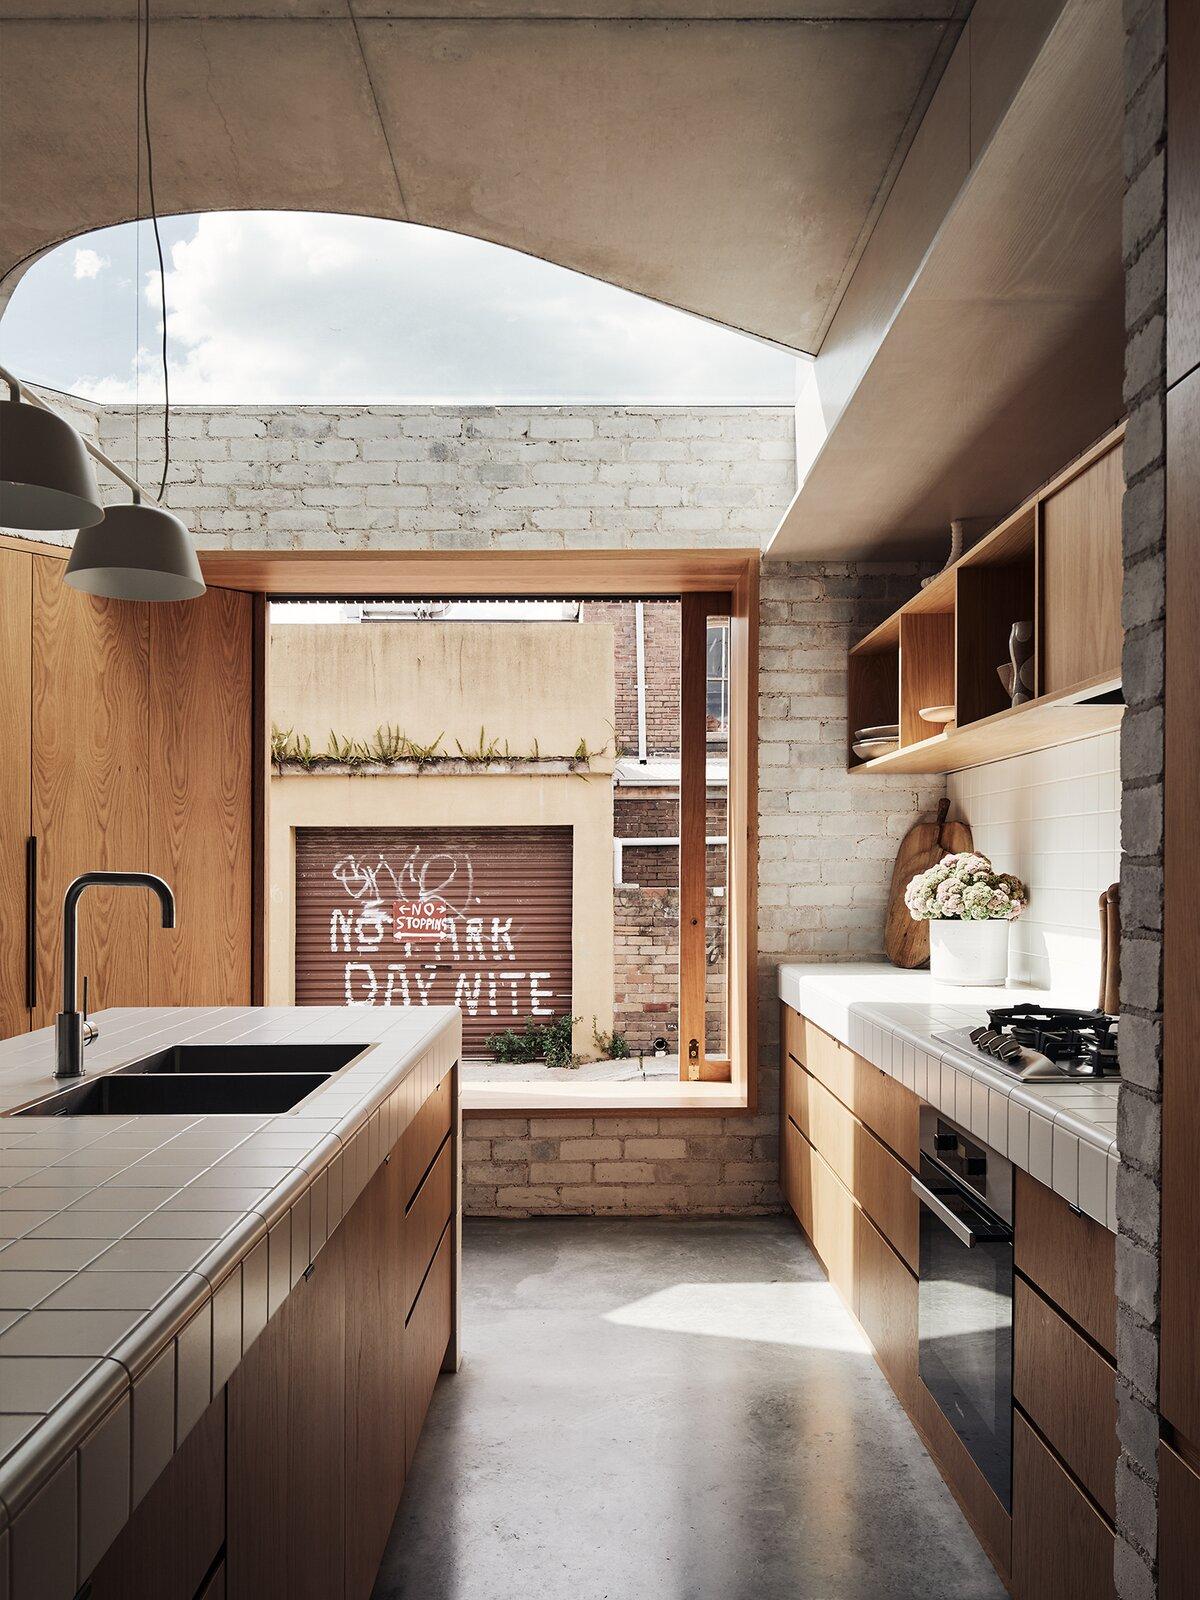 Bismarck House kitchen